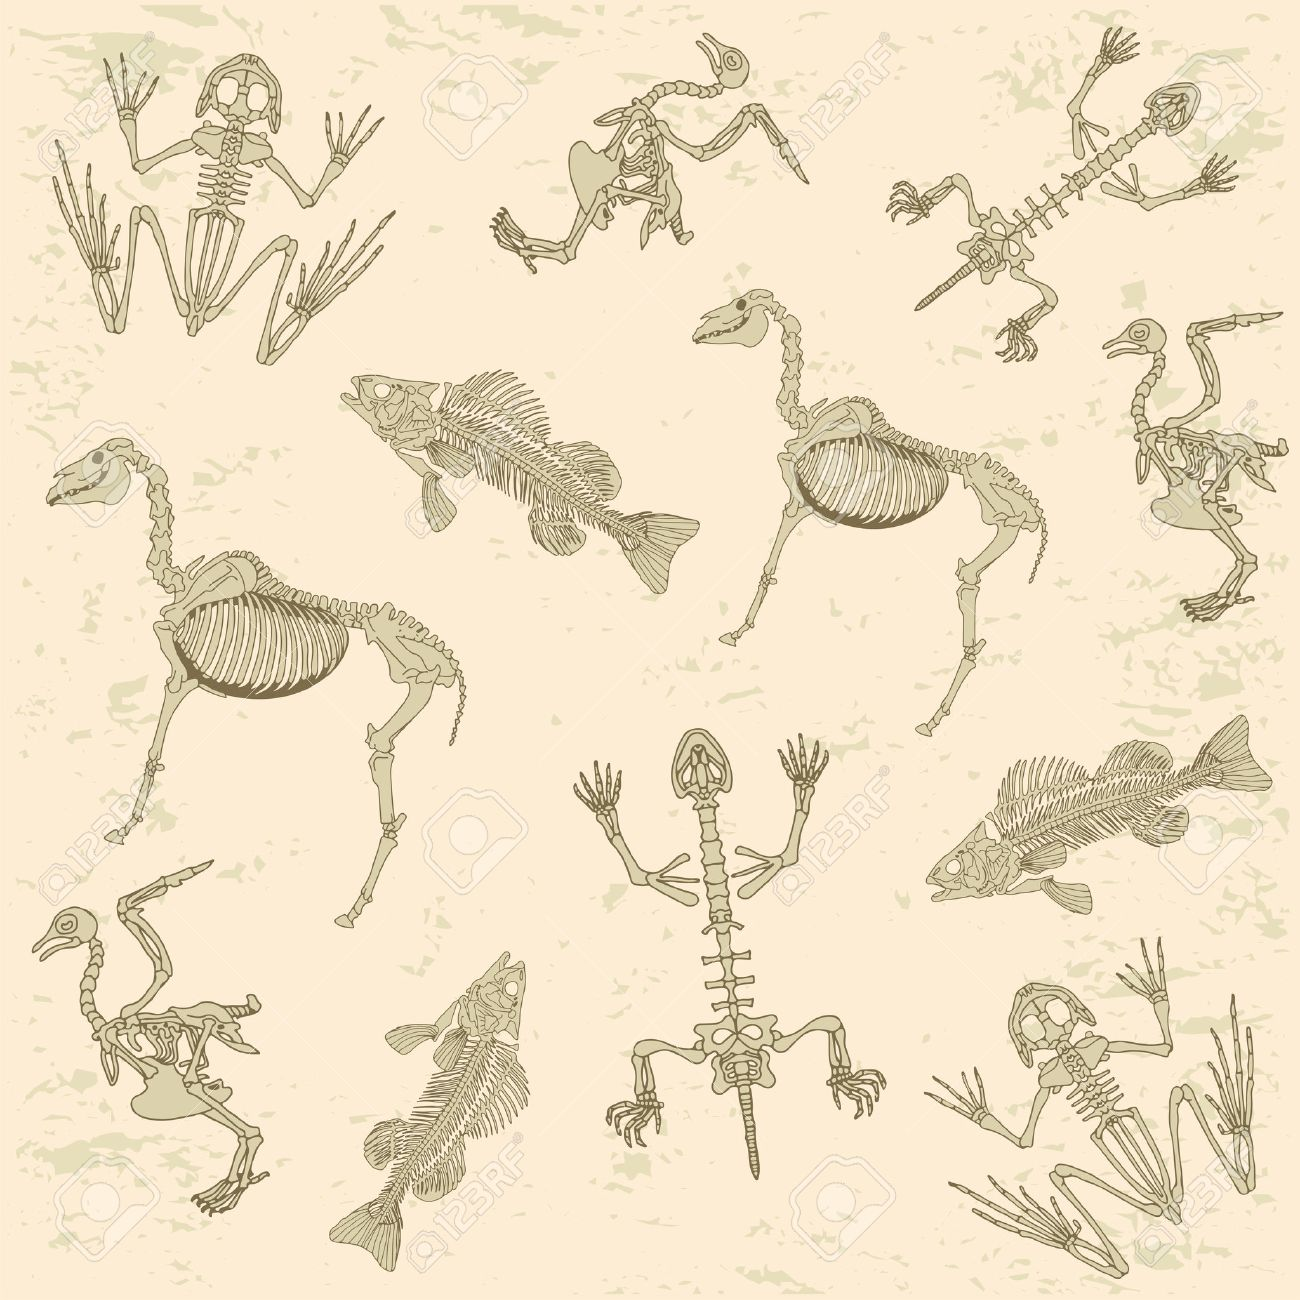 Animales Anatomía, Esqueleto Del Caballo, La Paloma, La Rana Y La ...